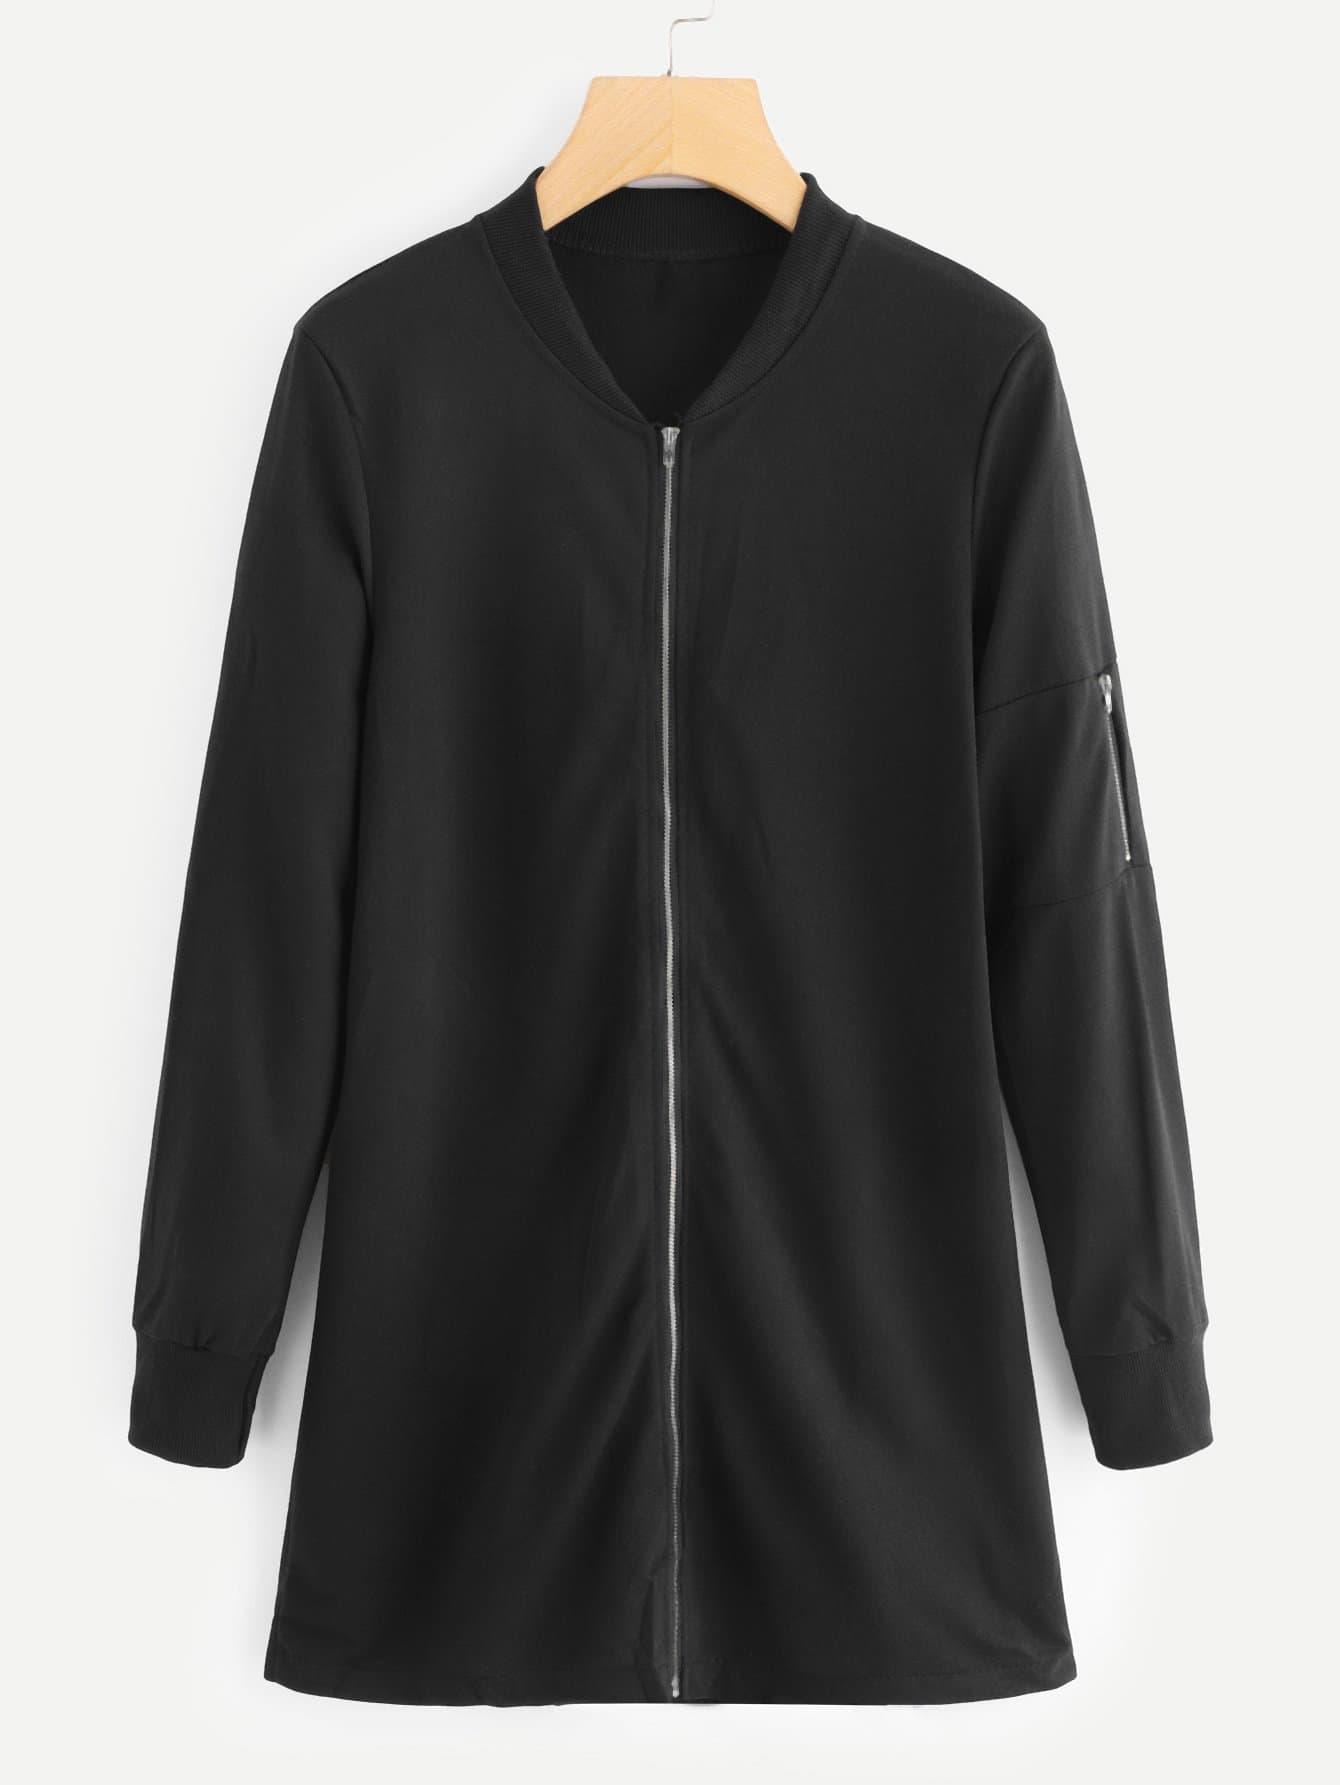 Купить Большое пальто и рукав с застёжкой молния, null, SheIn